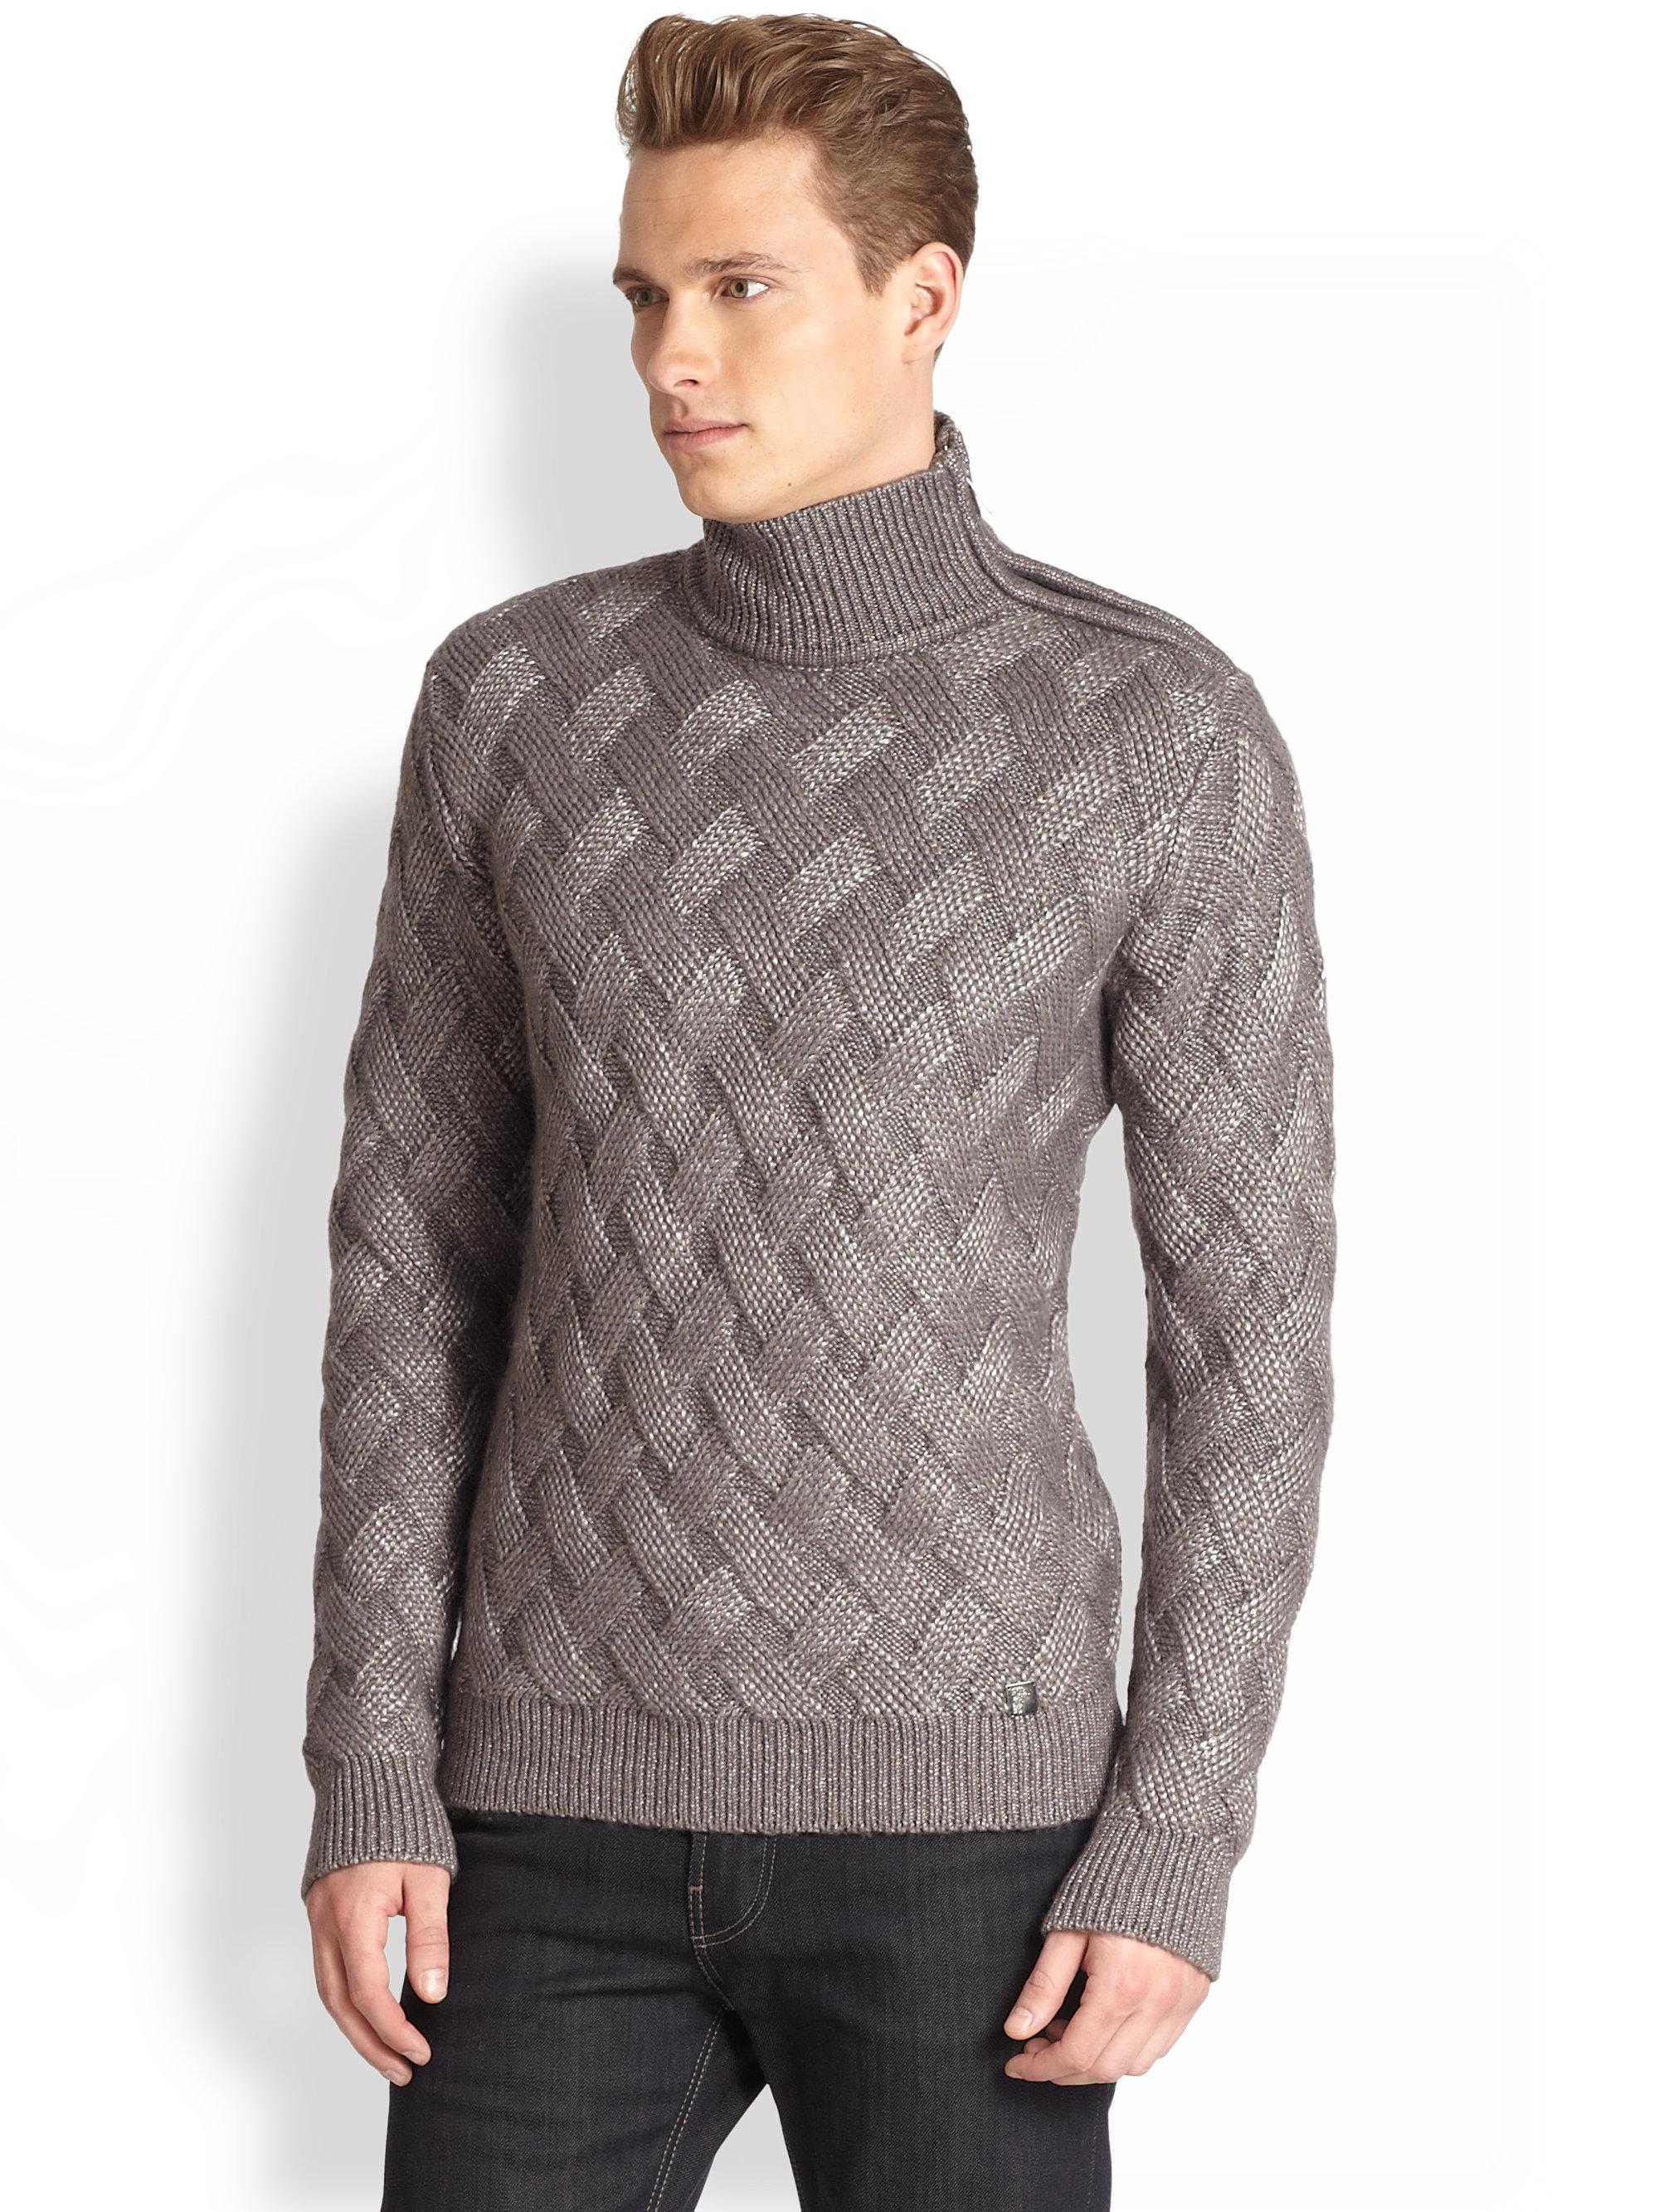 versace mens turtleneck sweater - Serafini Pizzeria